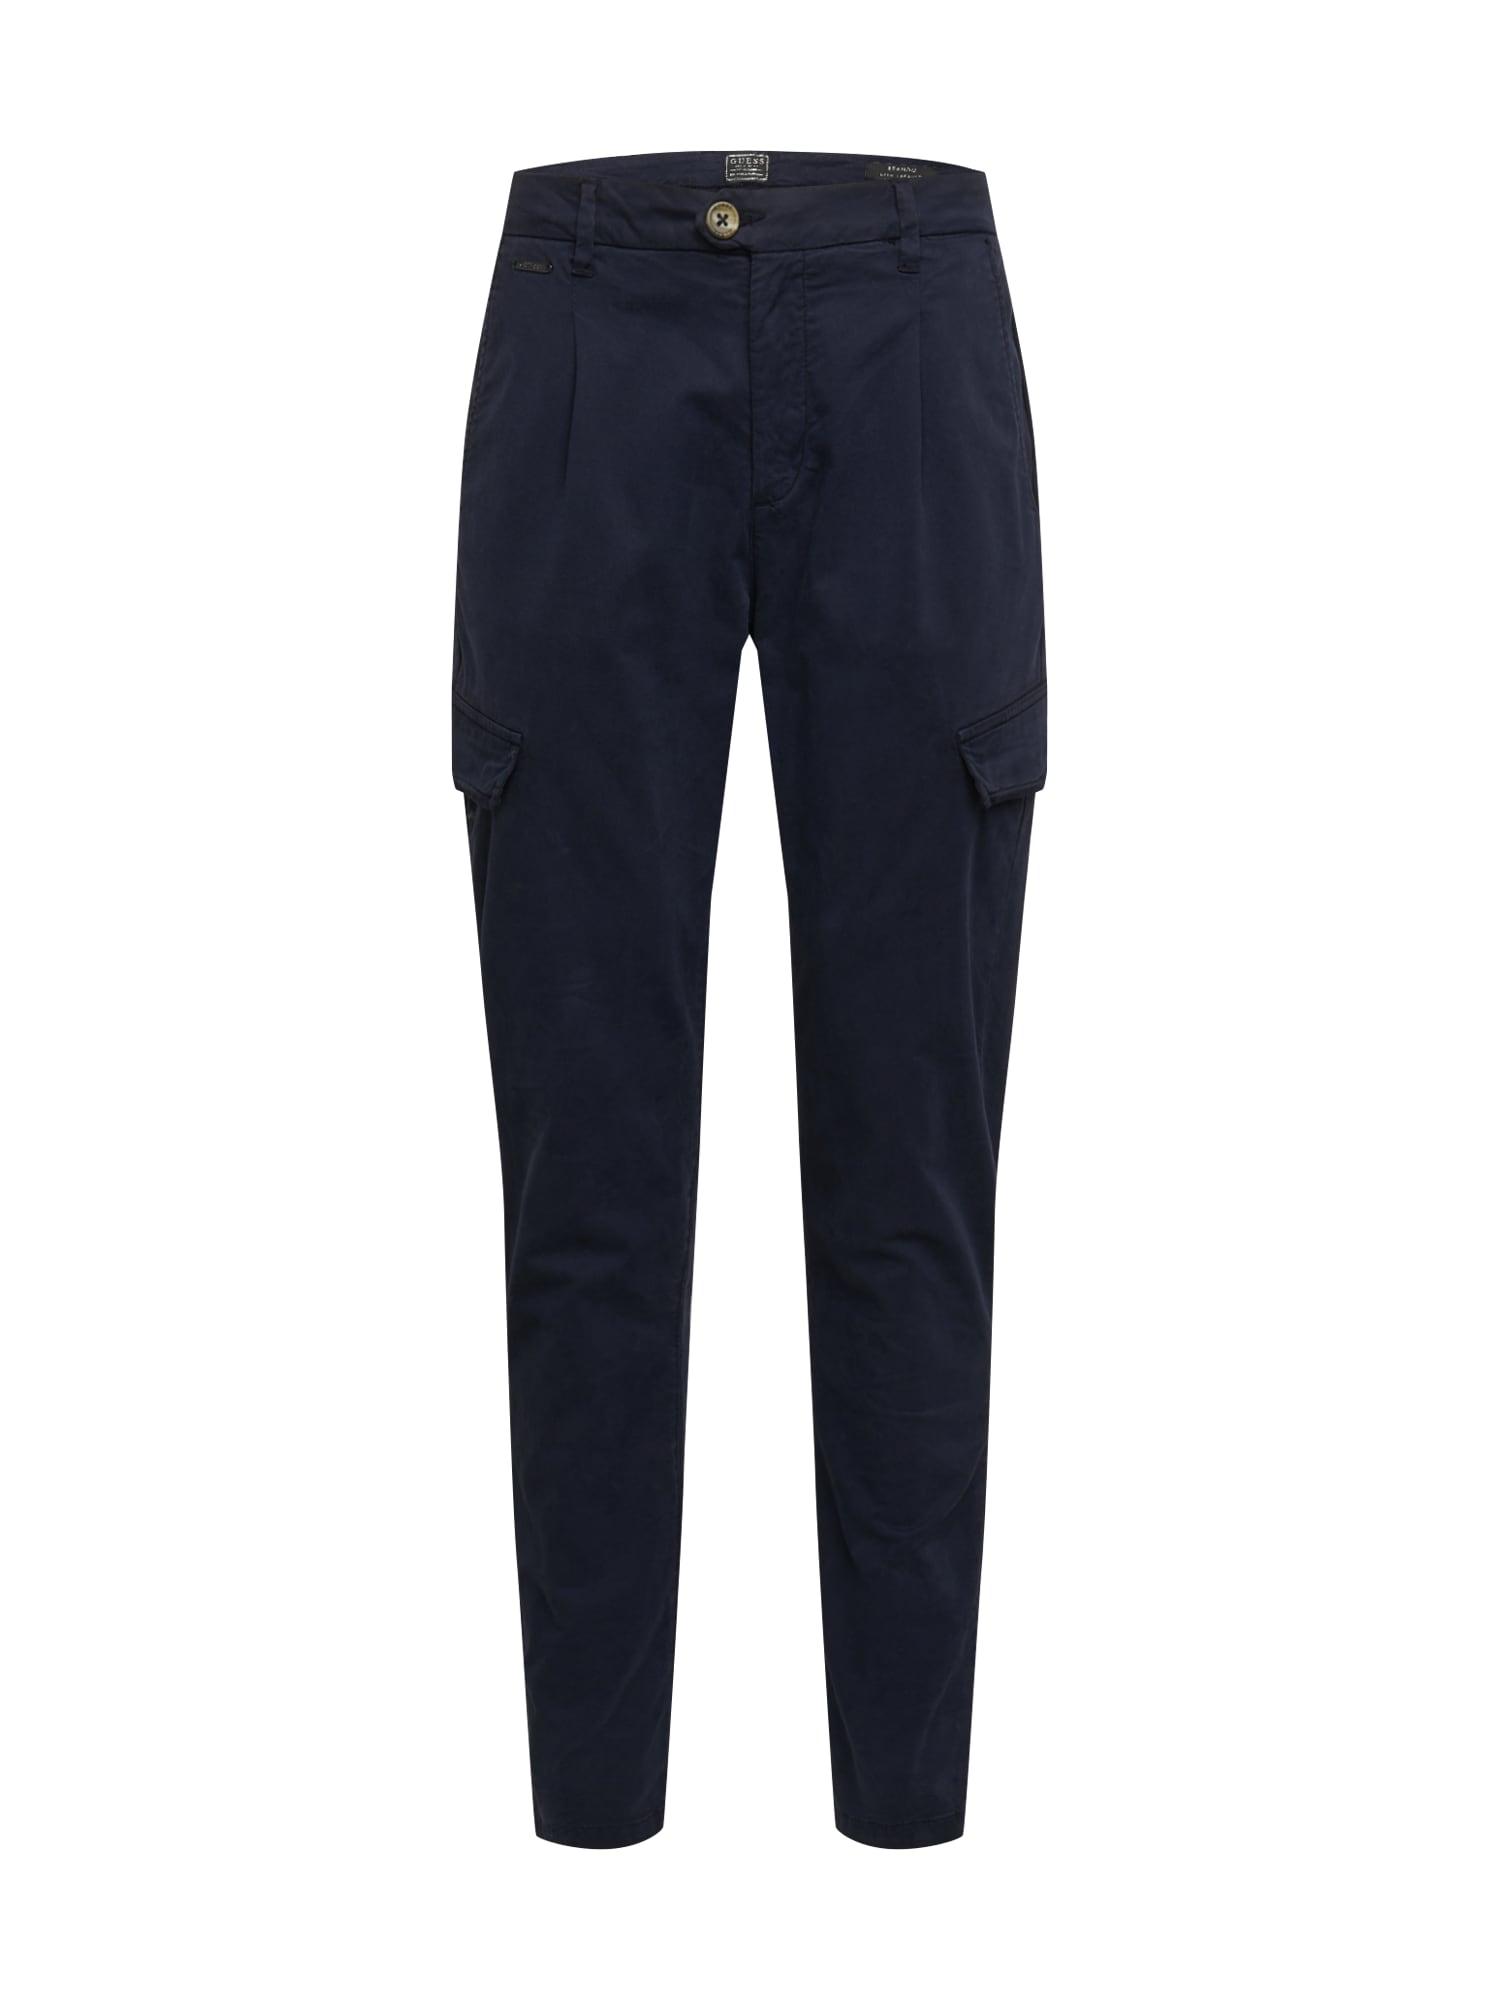 GUESS Plisované nohavice 'Brando'  námornícka modrá